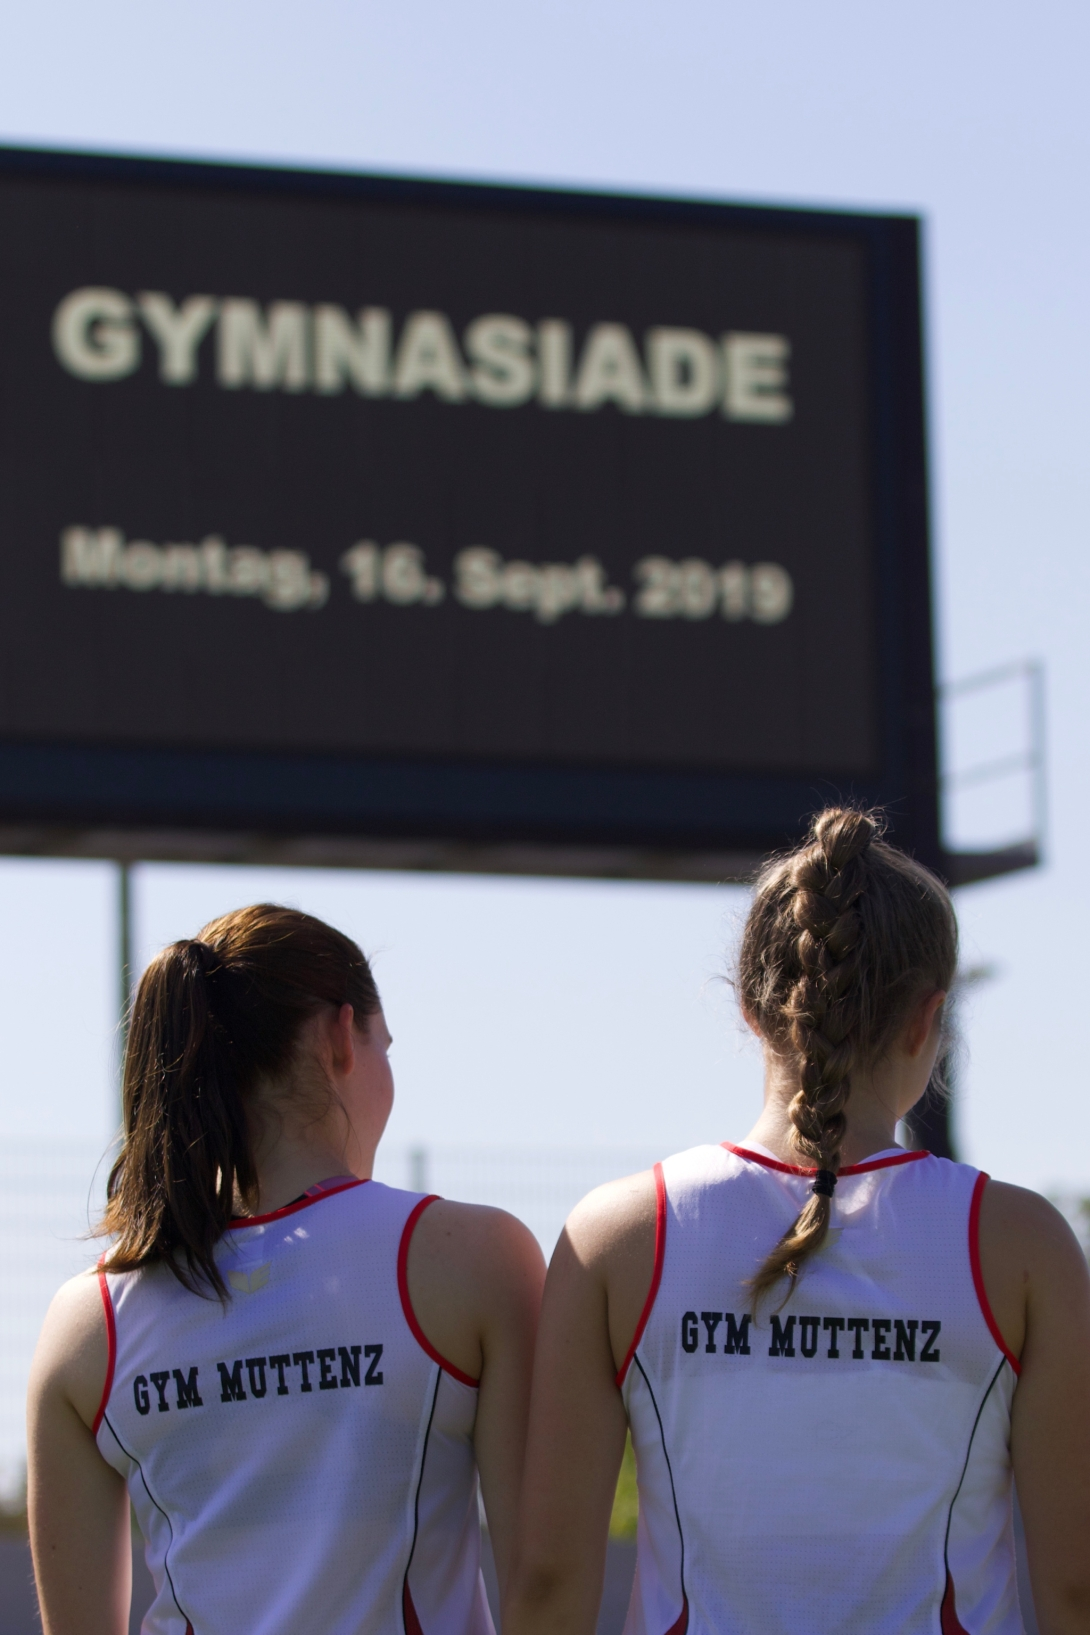 #gymnasiade #gym muttenz